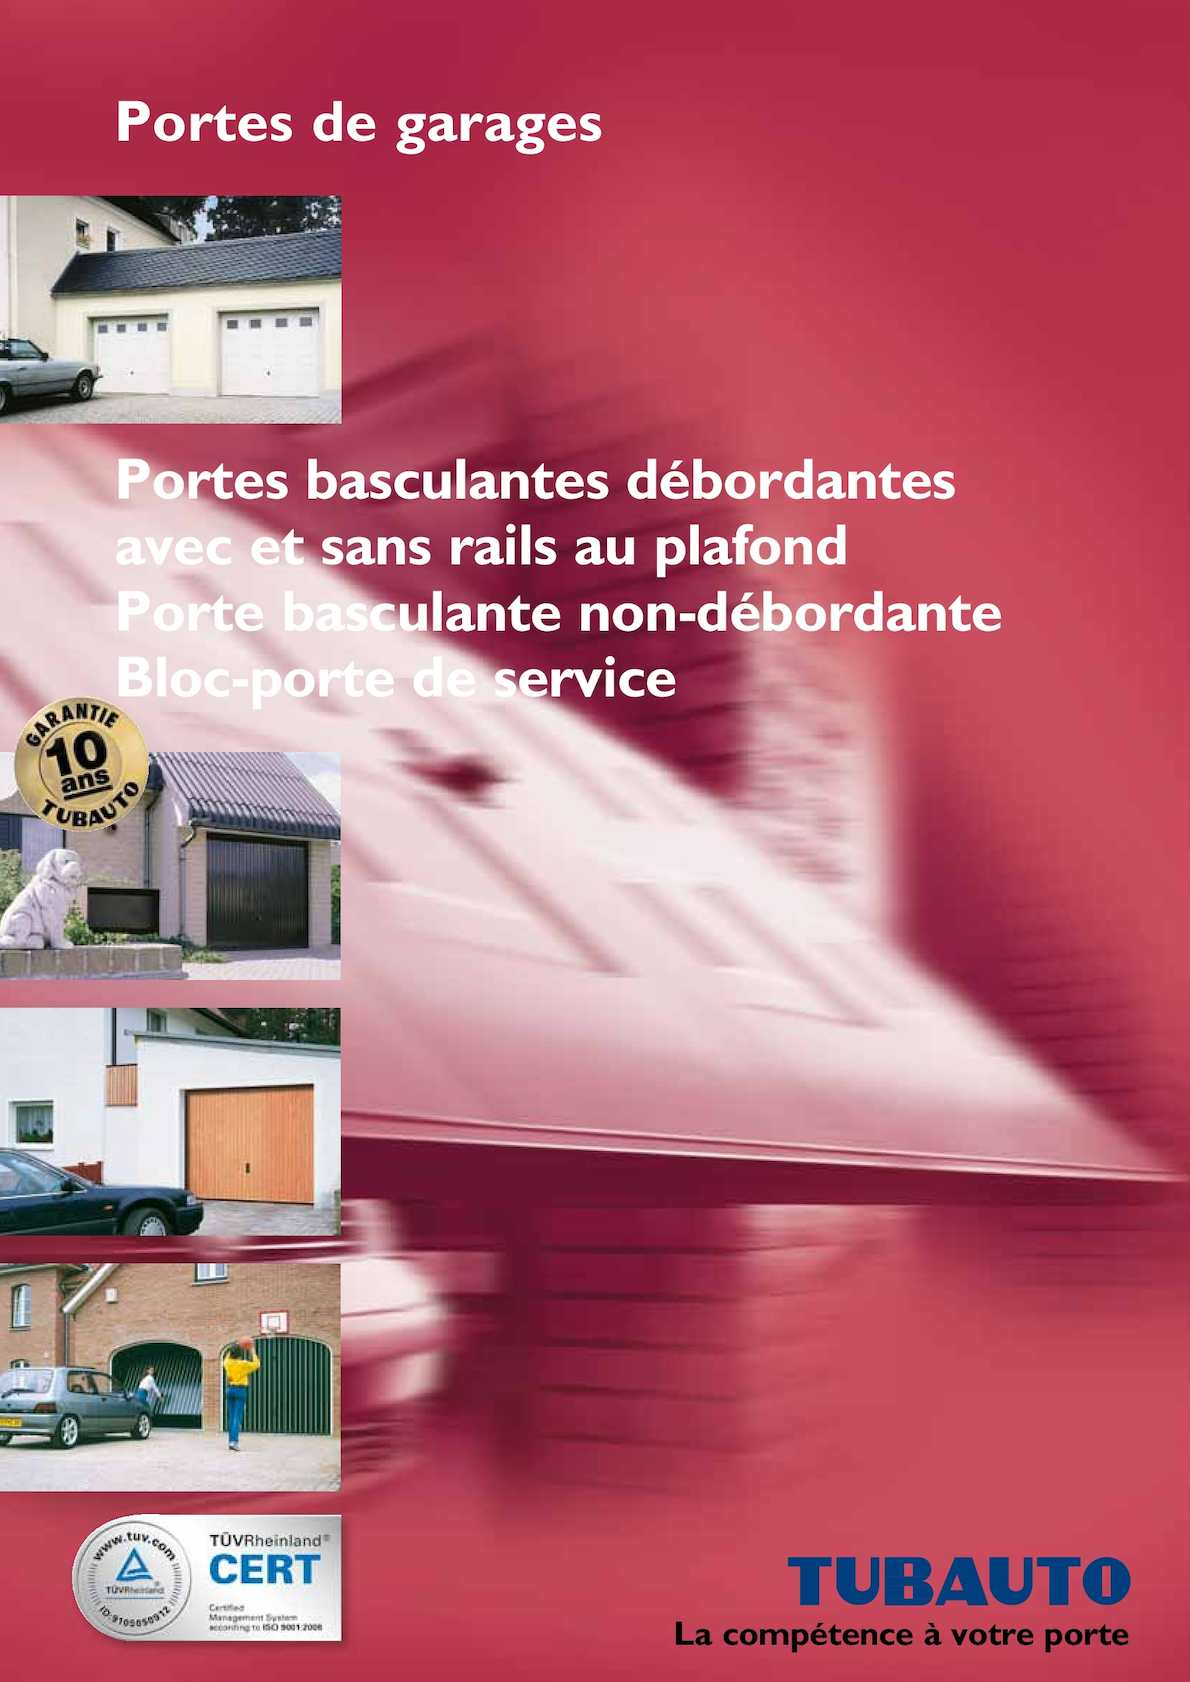 Calam o catalogue tubauto portes de garage for Porte de garage tubauto point p